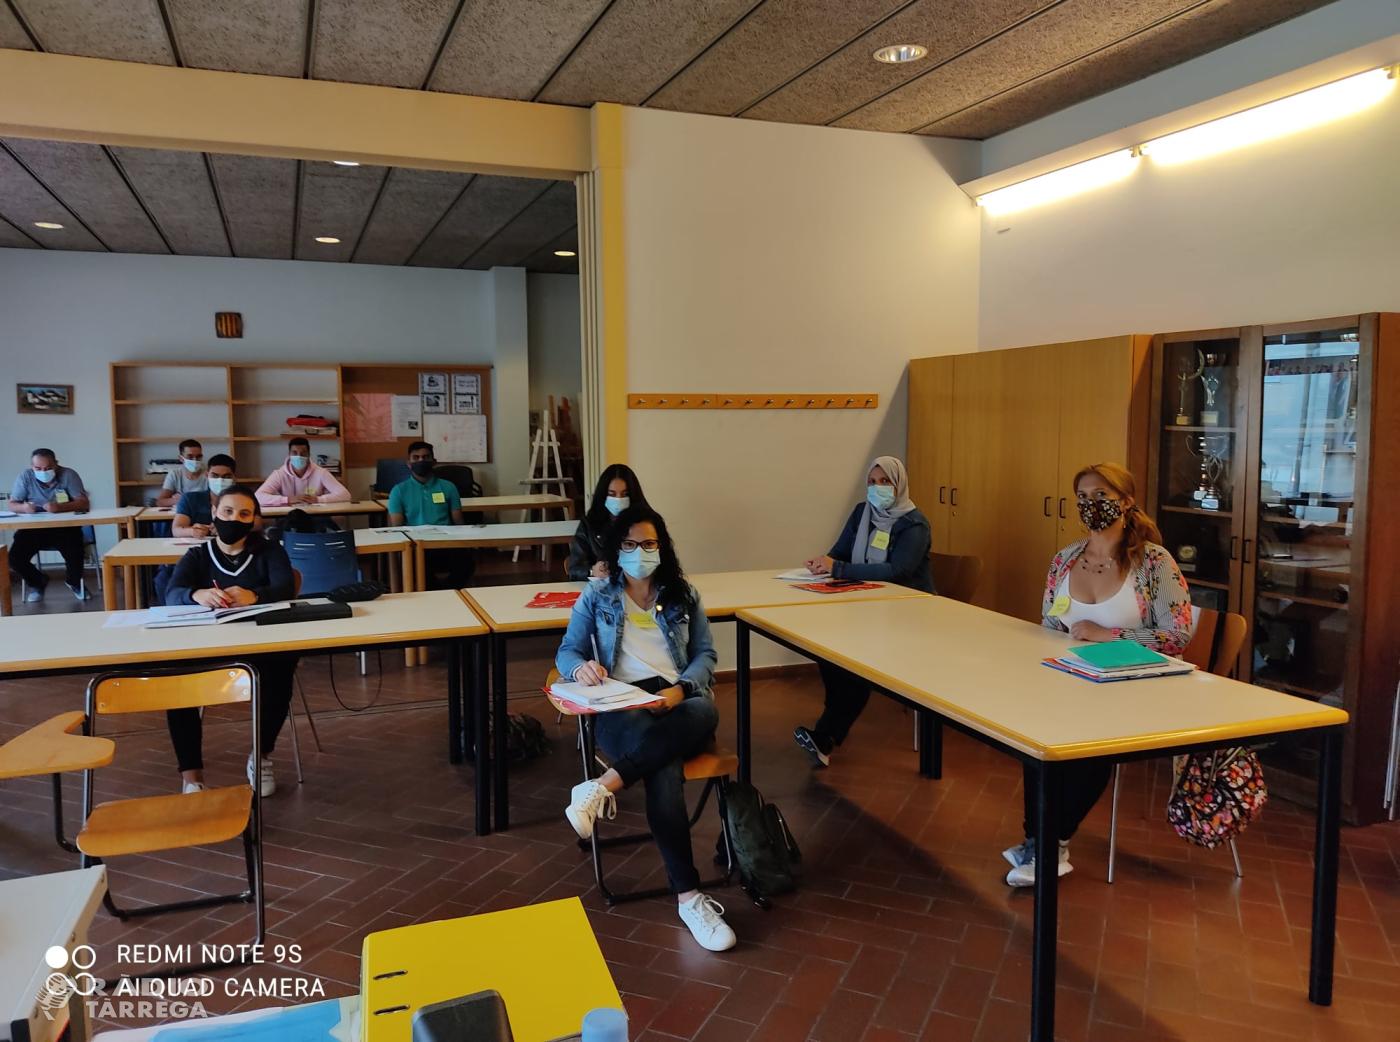 L'Aula de Llengua de Tàrrega dona el tret de sortida a l'inici de curs amb un total de 52 alumnes inscrits